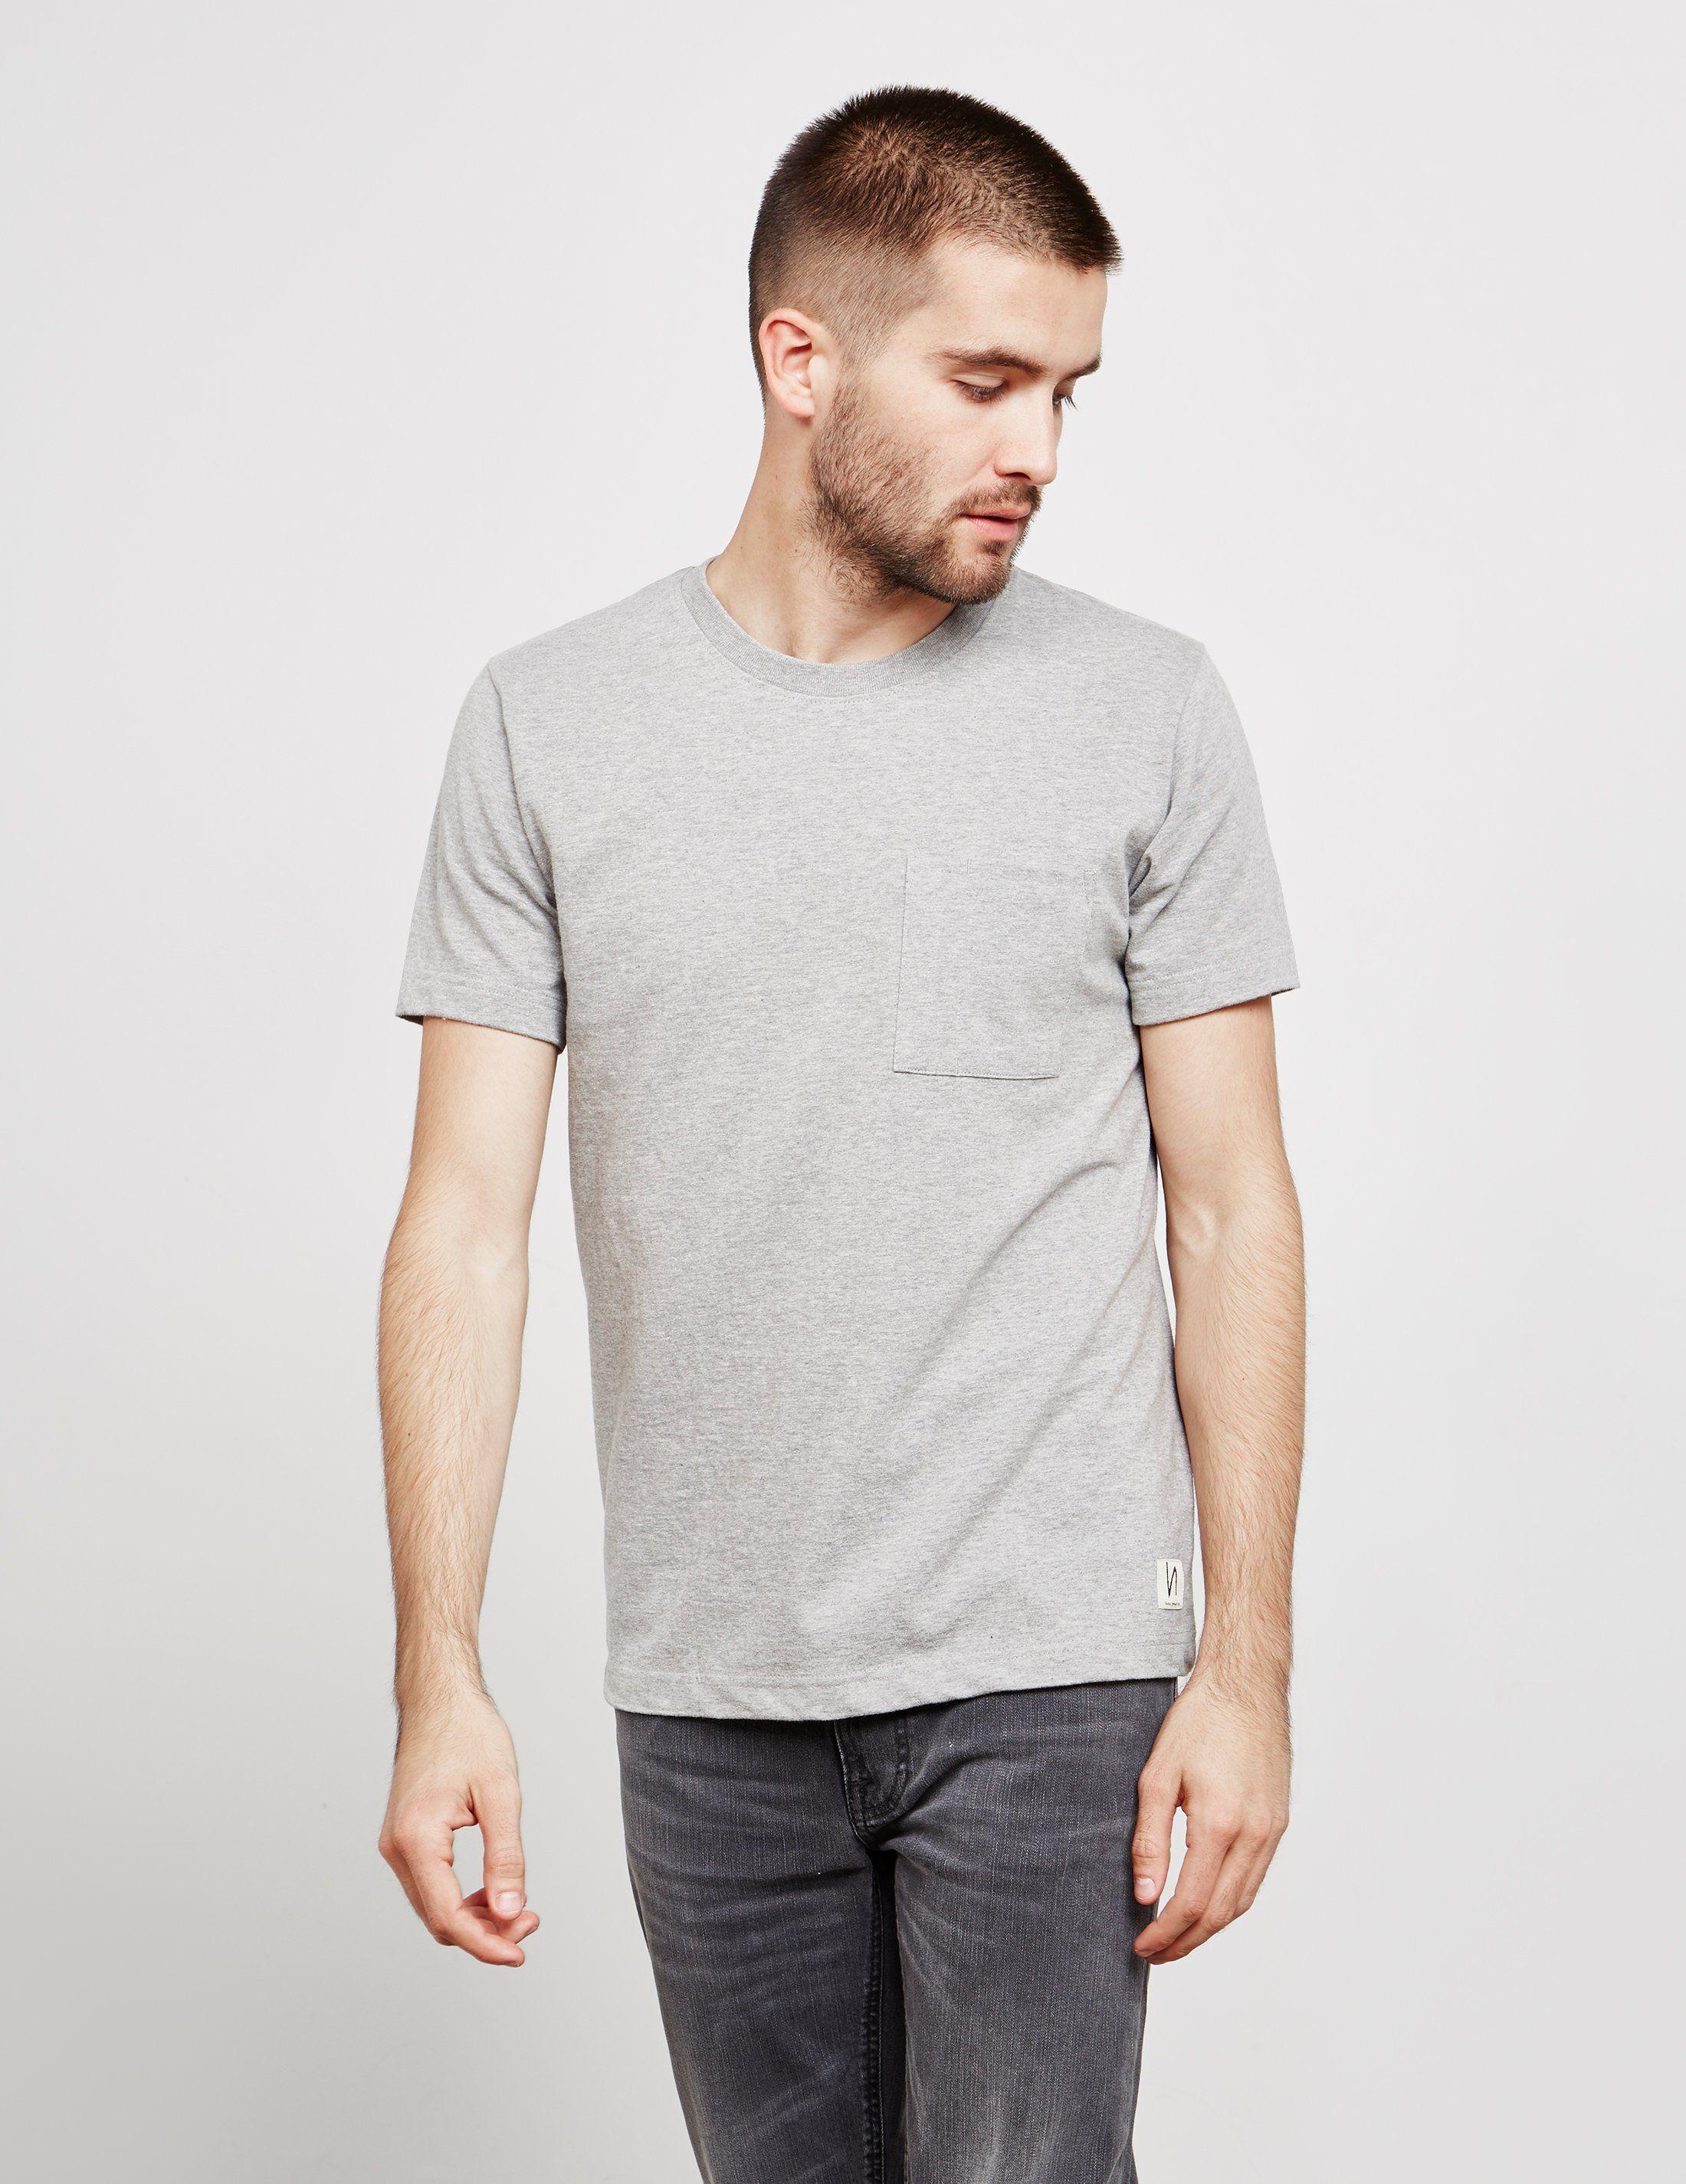 Nudie Jeans Worker Short Sleeve T-Shirt